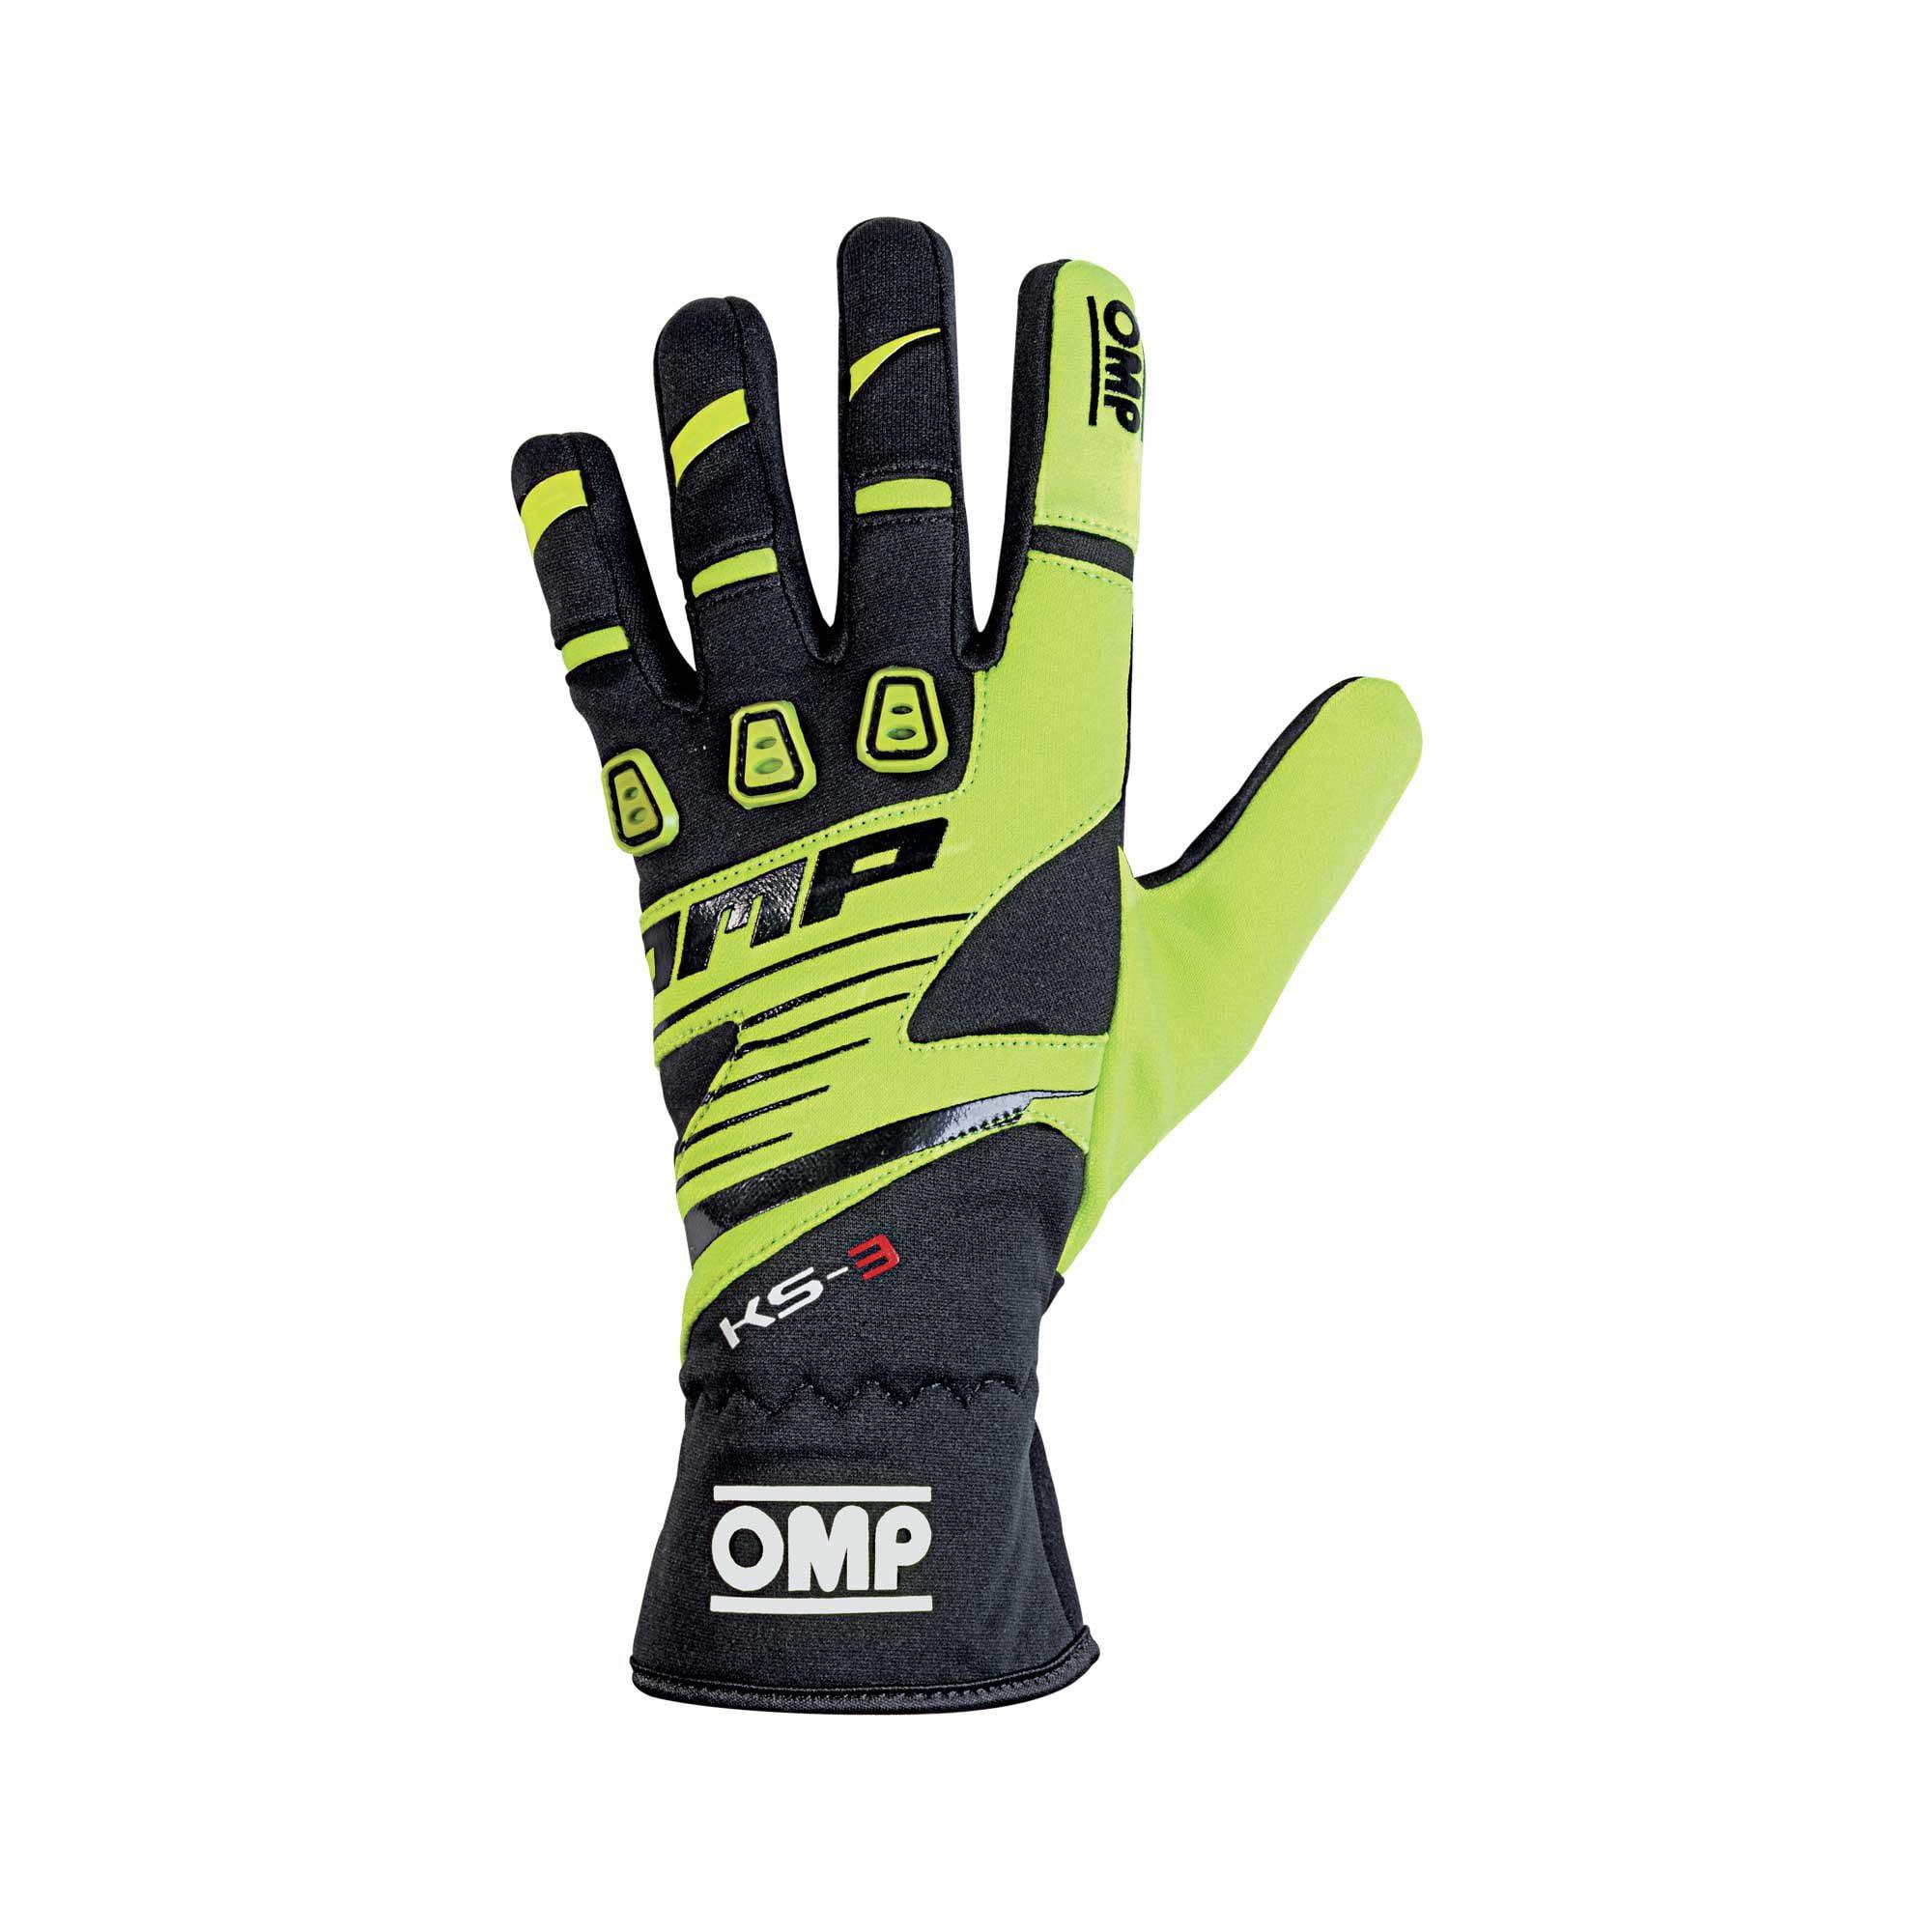 OMP 2019 KS-3 Kart Gloves yellow